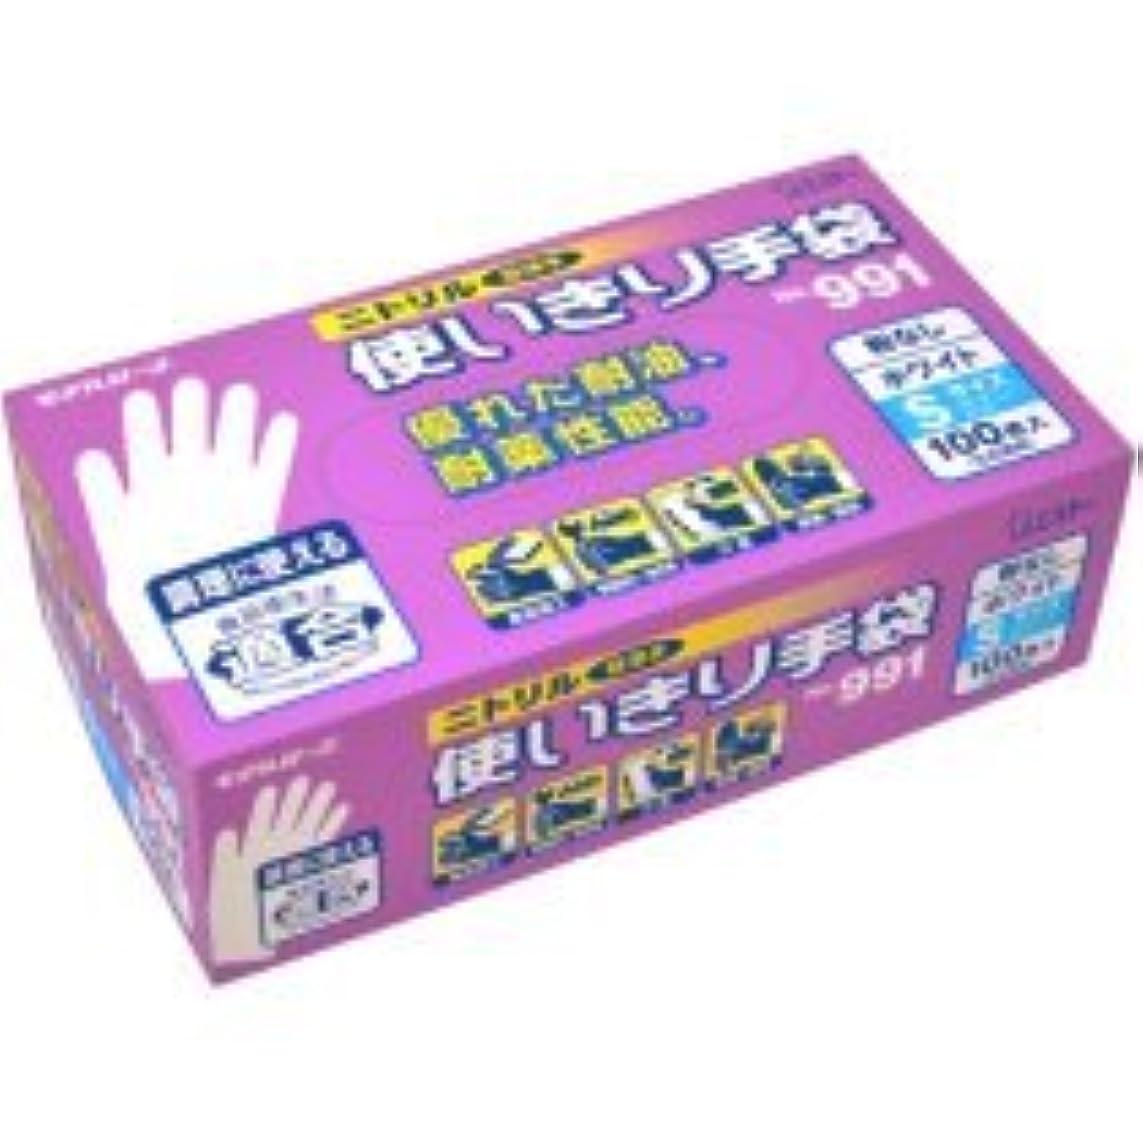 うっかり大佐寓話エステー No.991 ニトリル使いきり手袋(粉なし) S ホワイト 1セット(300枚:100枚×3箱)